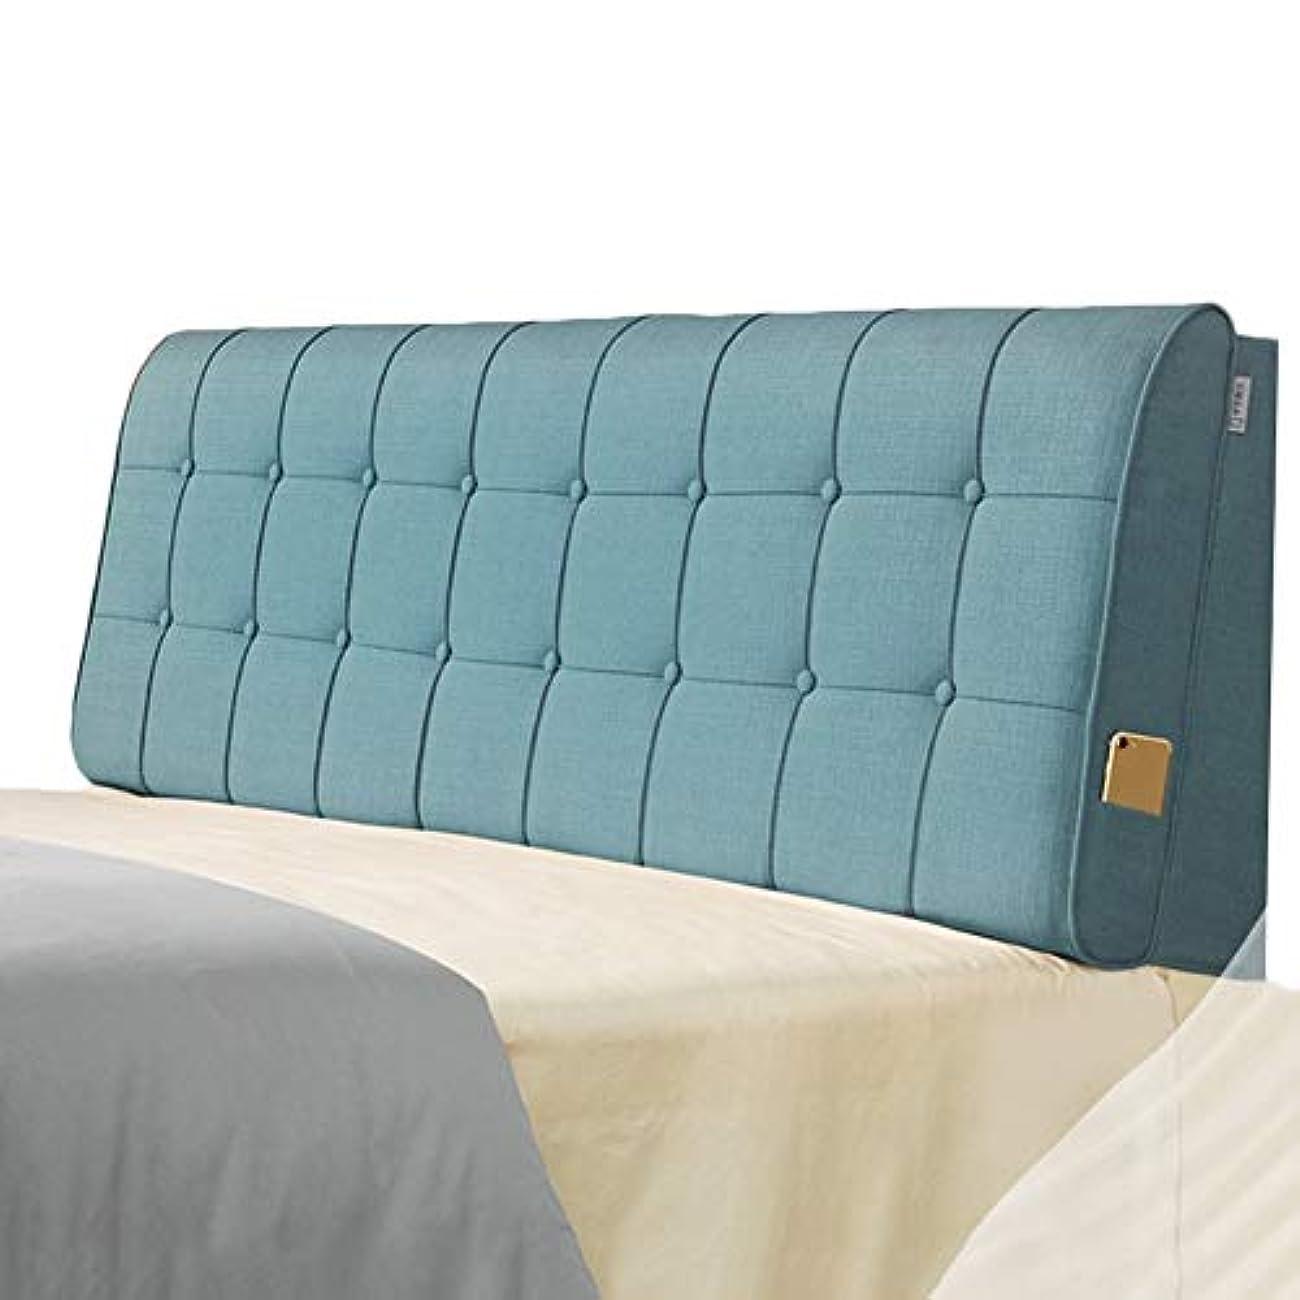 趣味評価可能手荷物LIANGLIANG クッションベッドの背もたれ ベッドルームベッドサイドソフトケース背もたれダブル人物余分な布スポンジ充填、5色、4サイズ (色 : 青, サイズ さいず : 150x60x10cm)